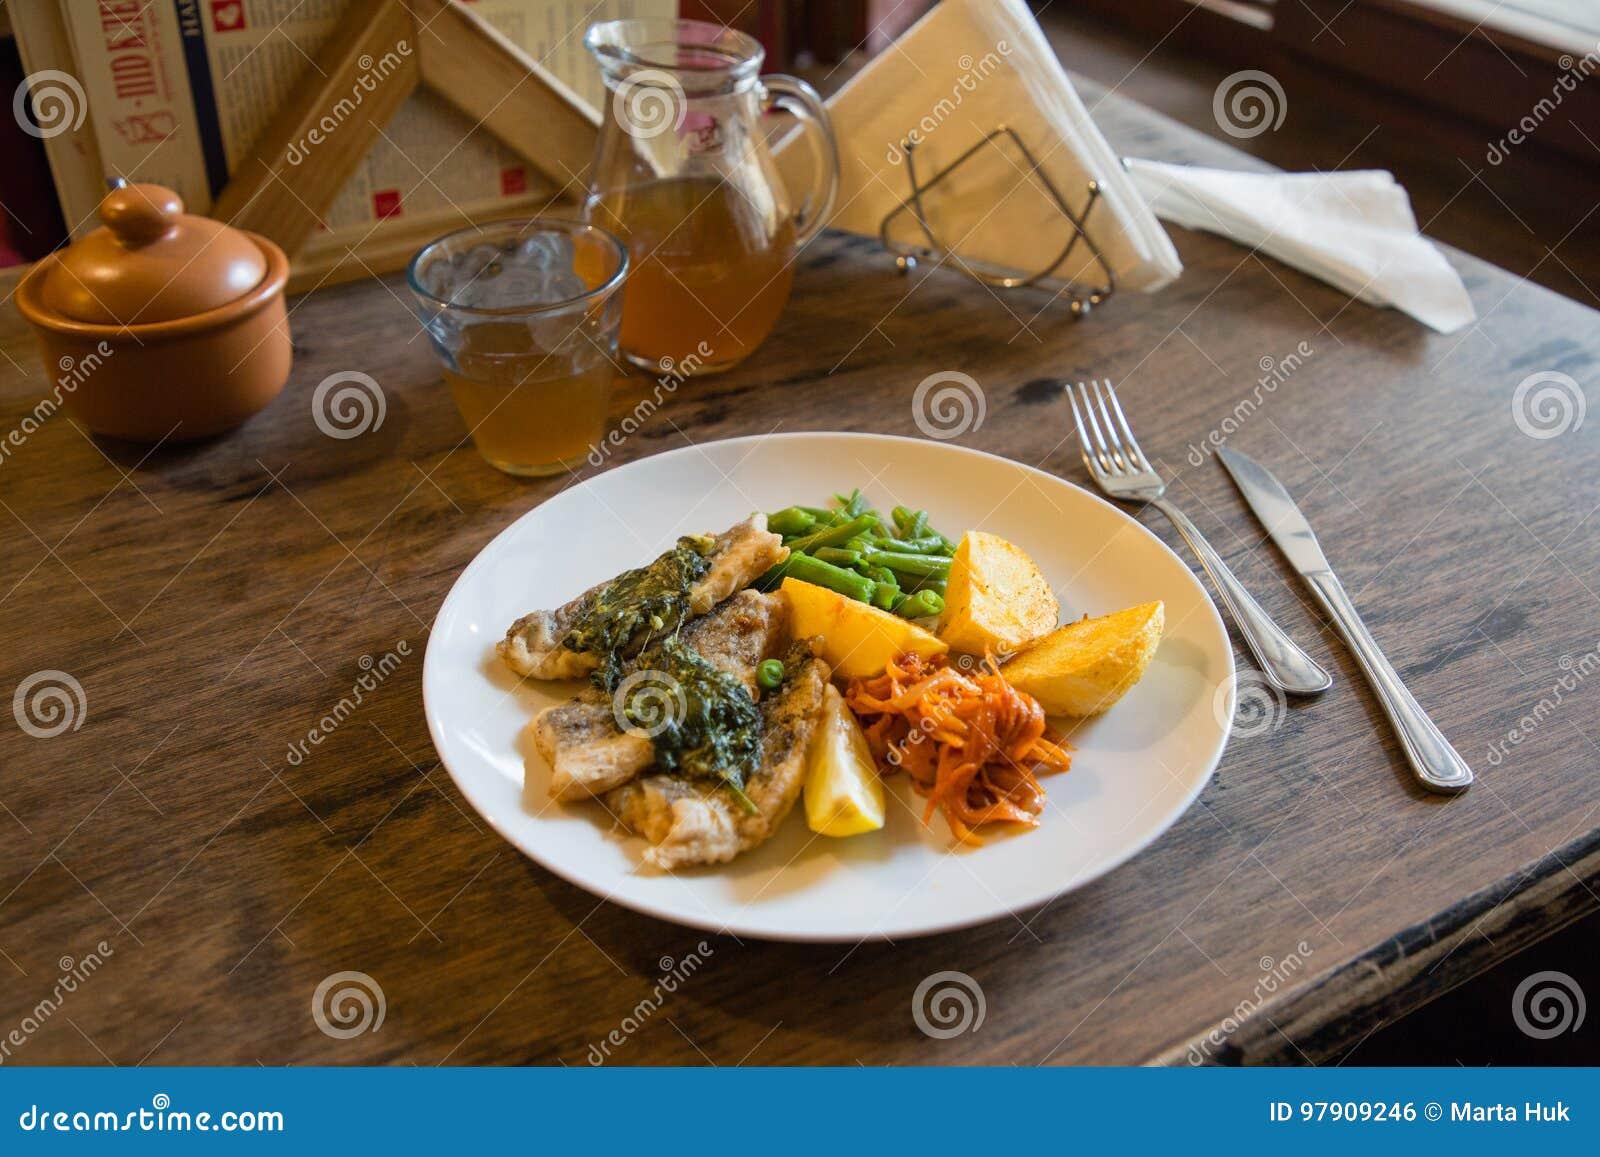 Łowi i układu scalonego talerz z warzywami i cytryną na talerzu